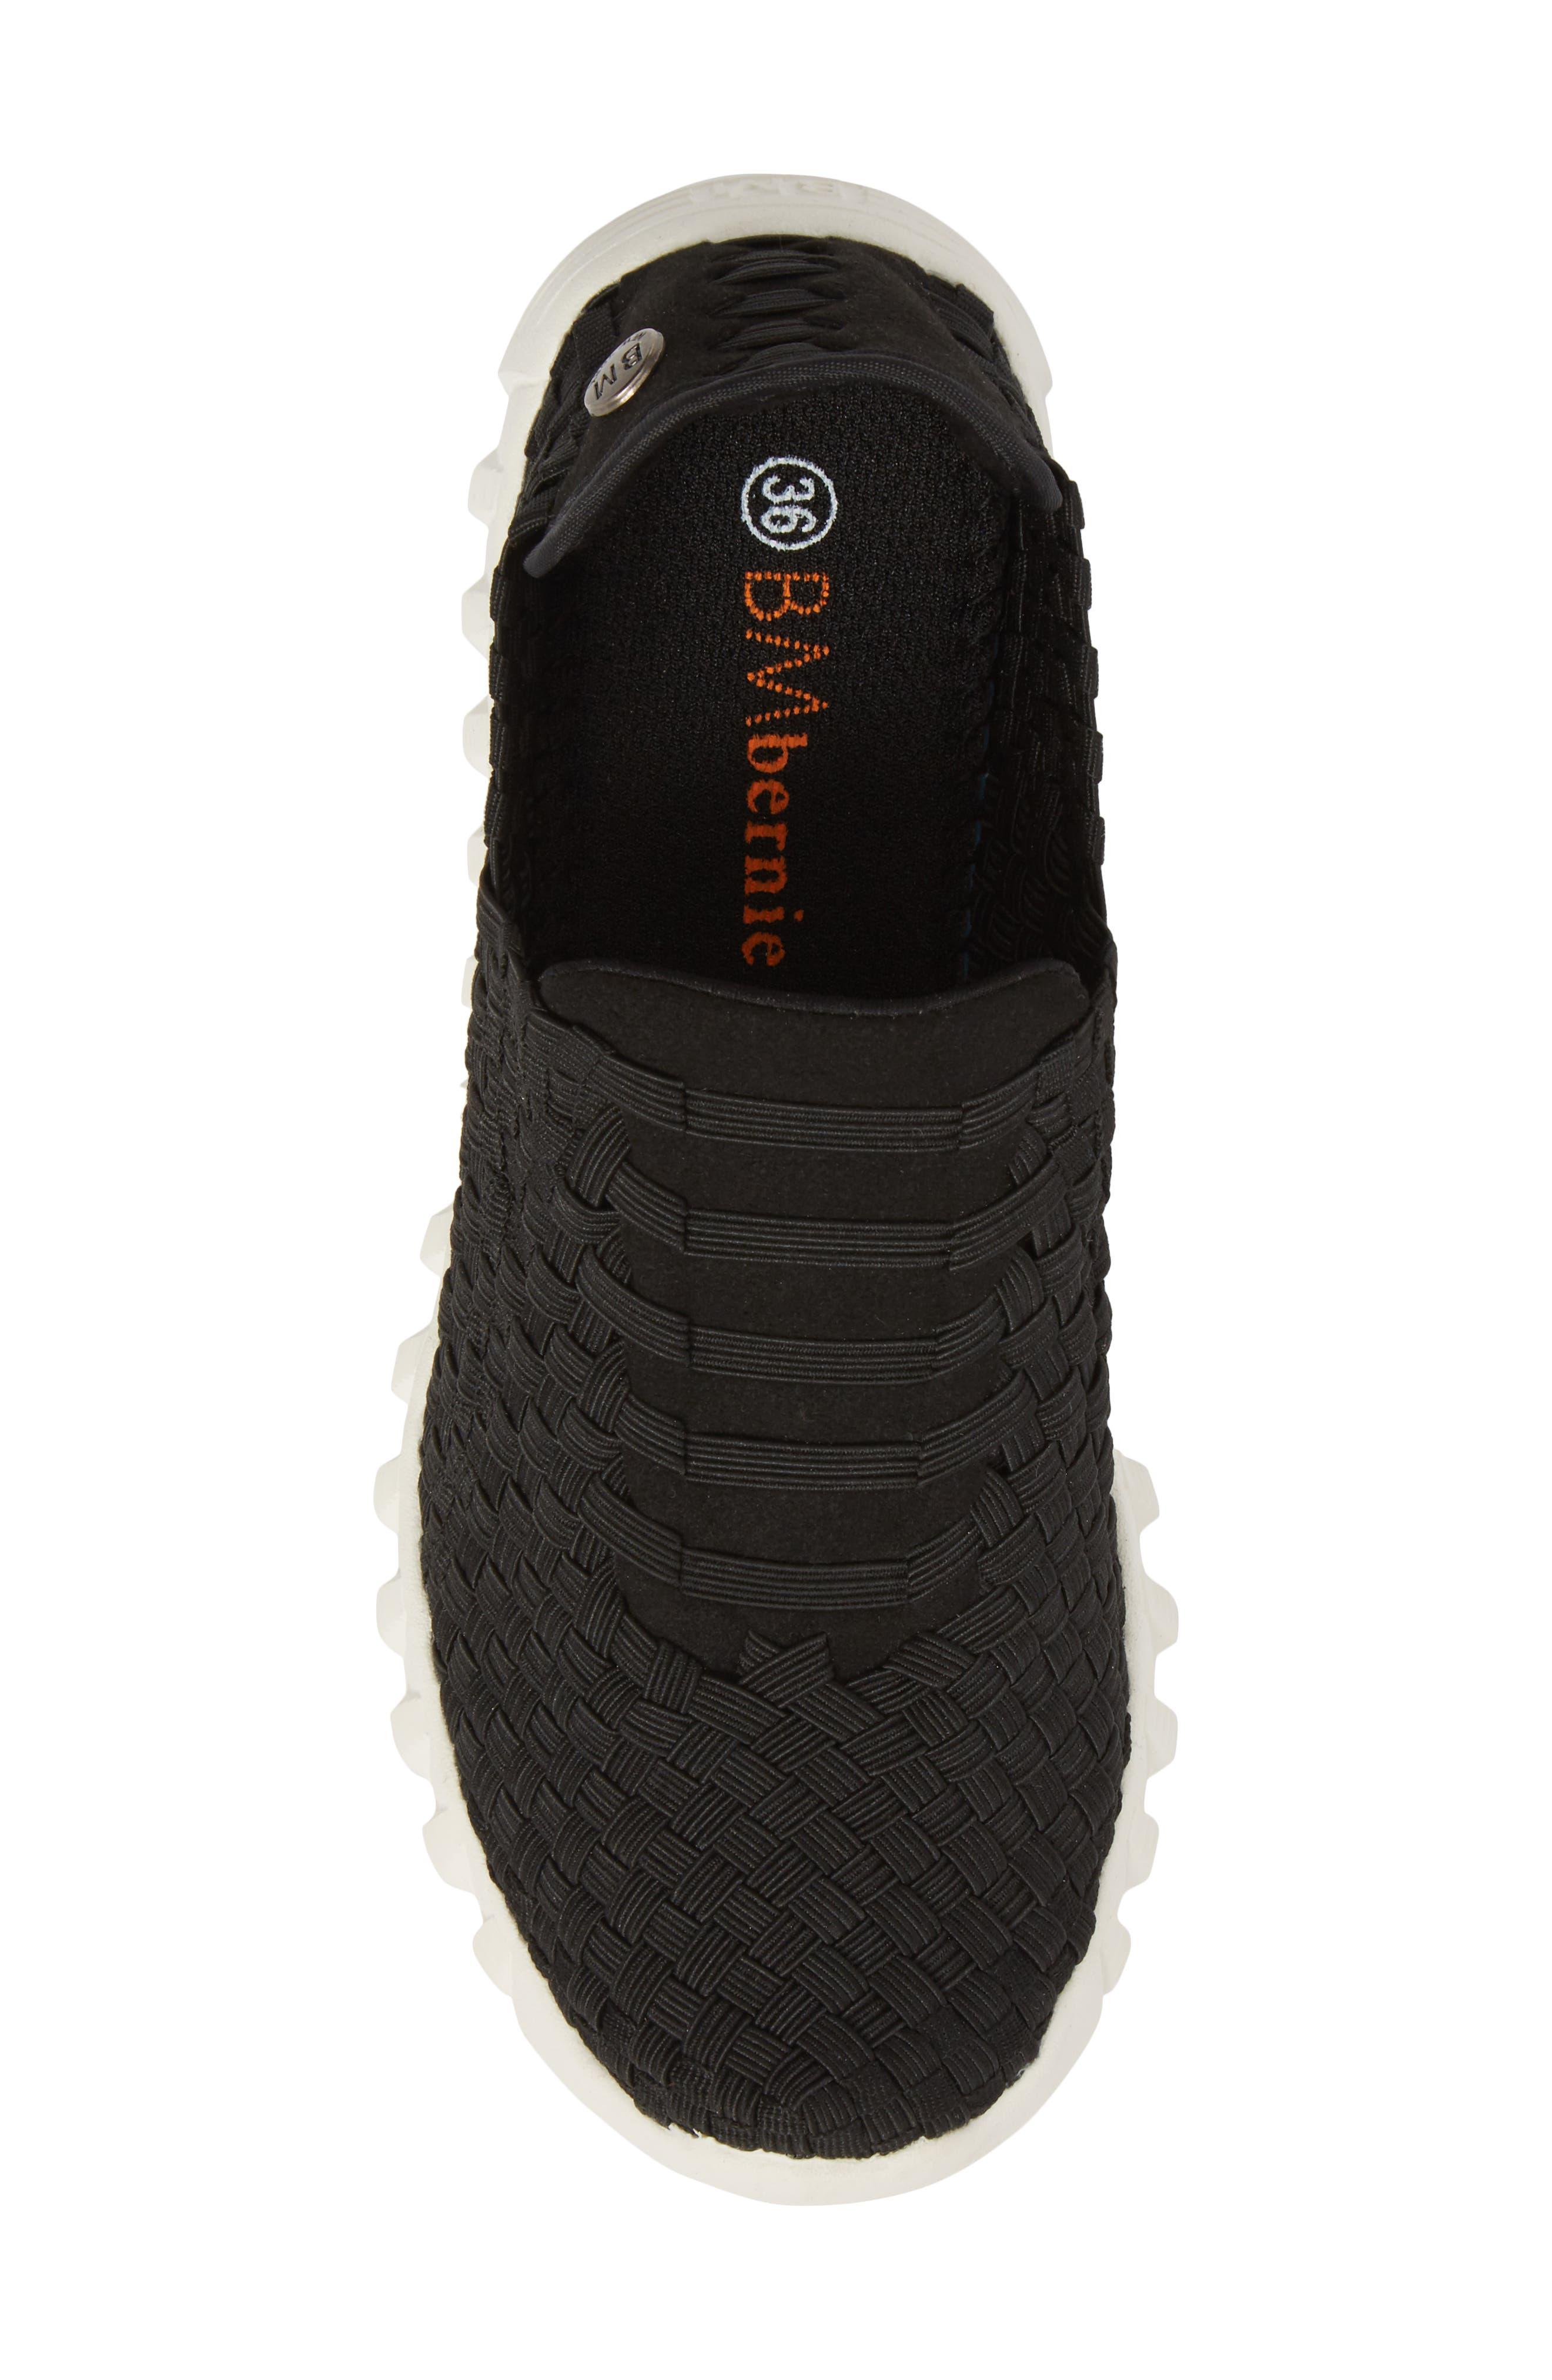 Vivaldi Slip-On Sneaker,                             Alternate thumbnail 5, color,                             BLACK